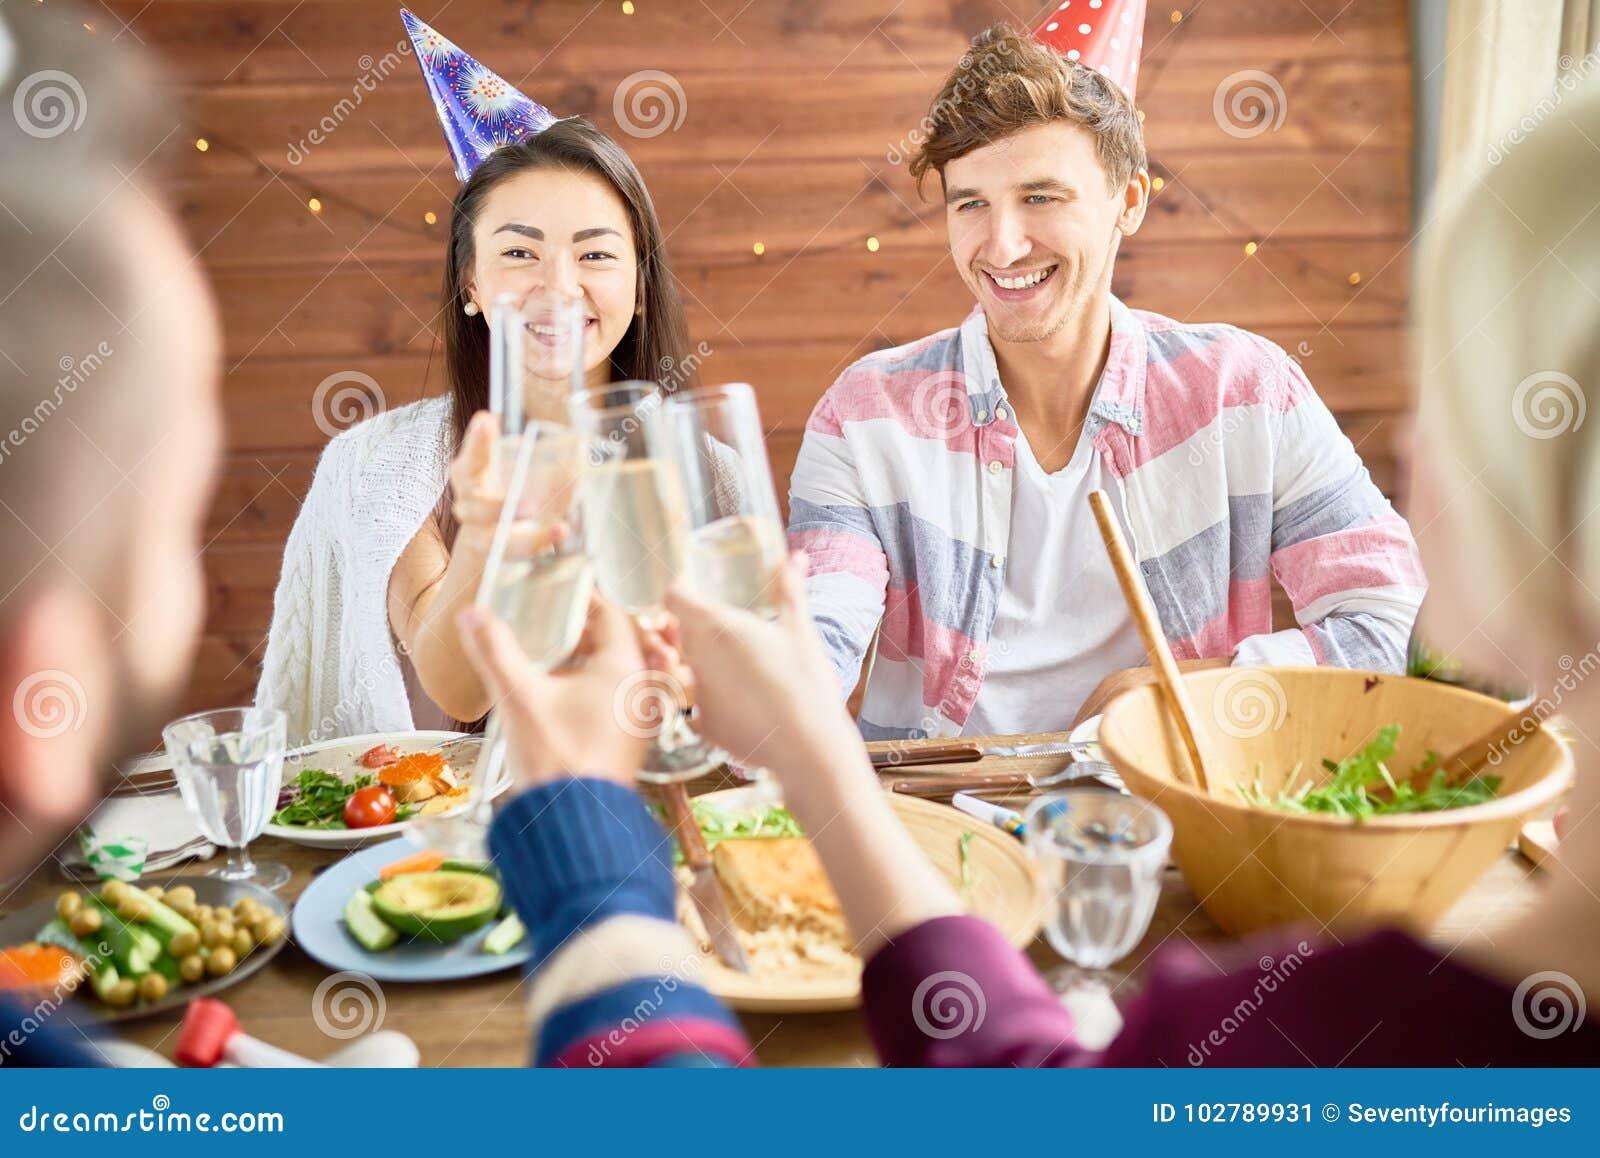 Glückliches Paar, das Geburtstag am Abendessen feiert